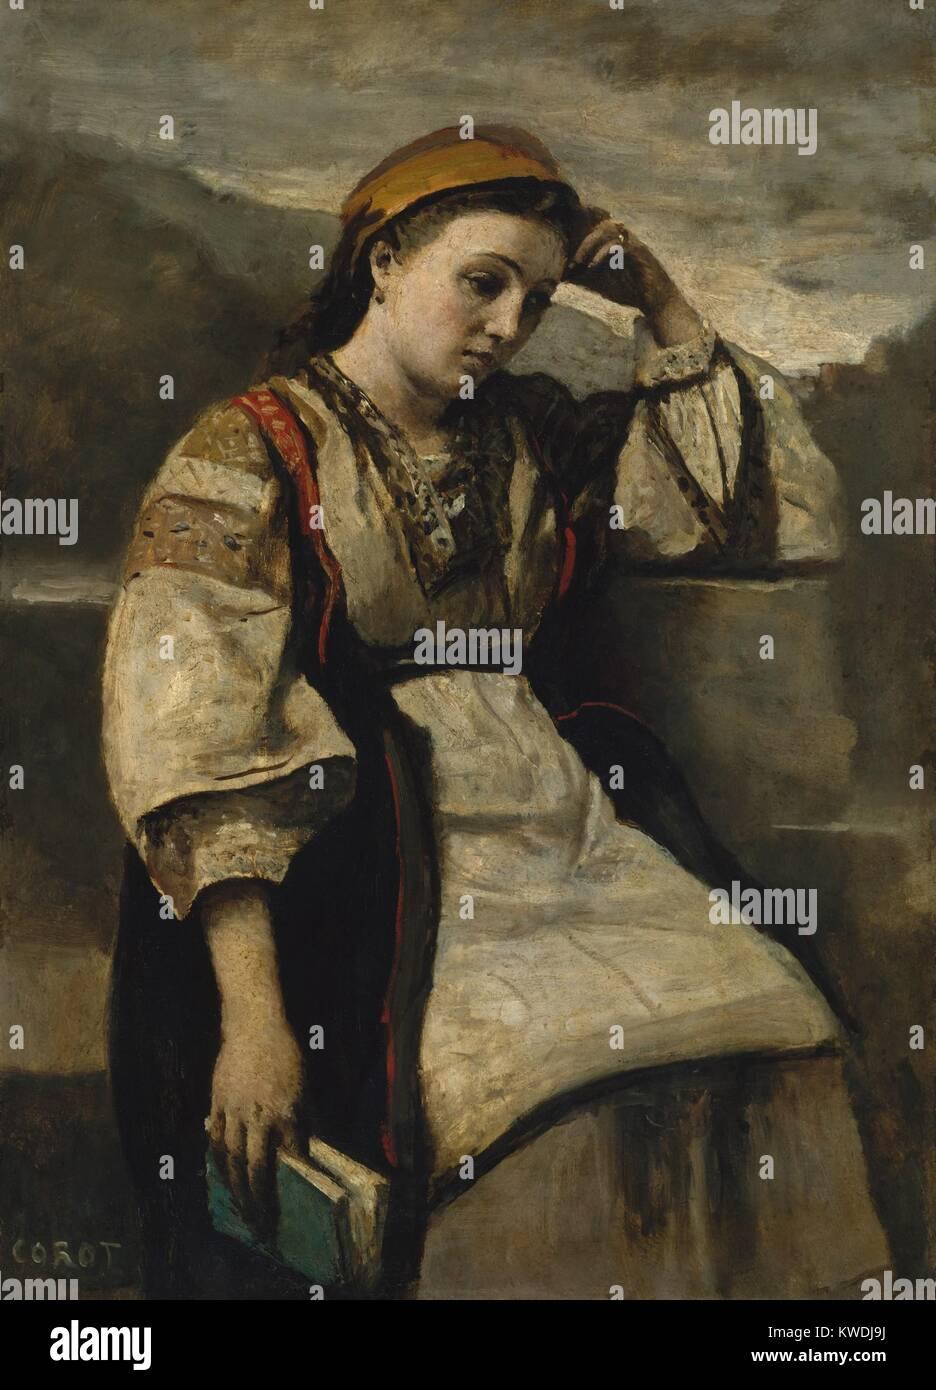 Träumerei, von Camille Corot, 1860-65, Französische Malerei, Öl auf Holz. Corot stellte der Arbeiterklasse Stockbild